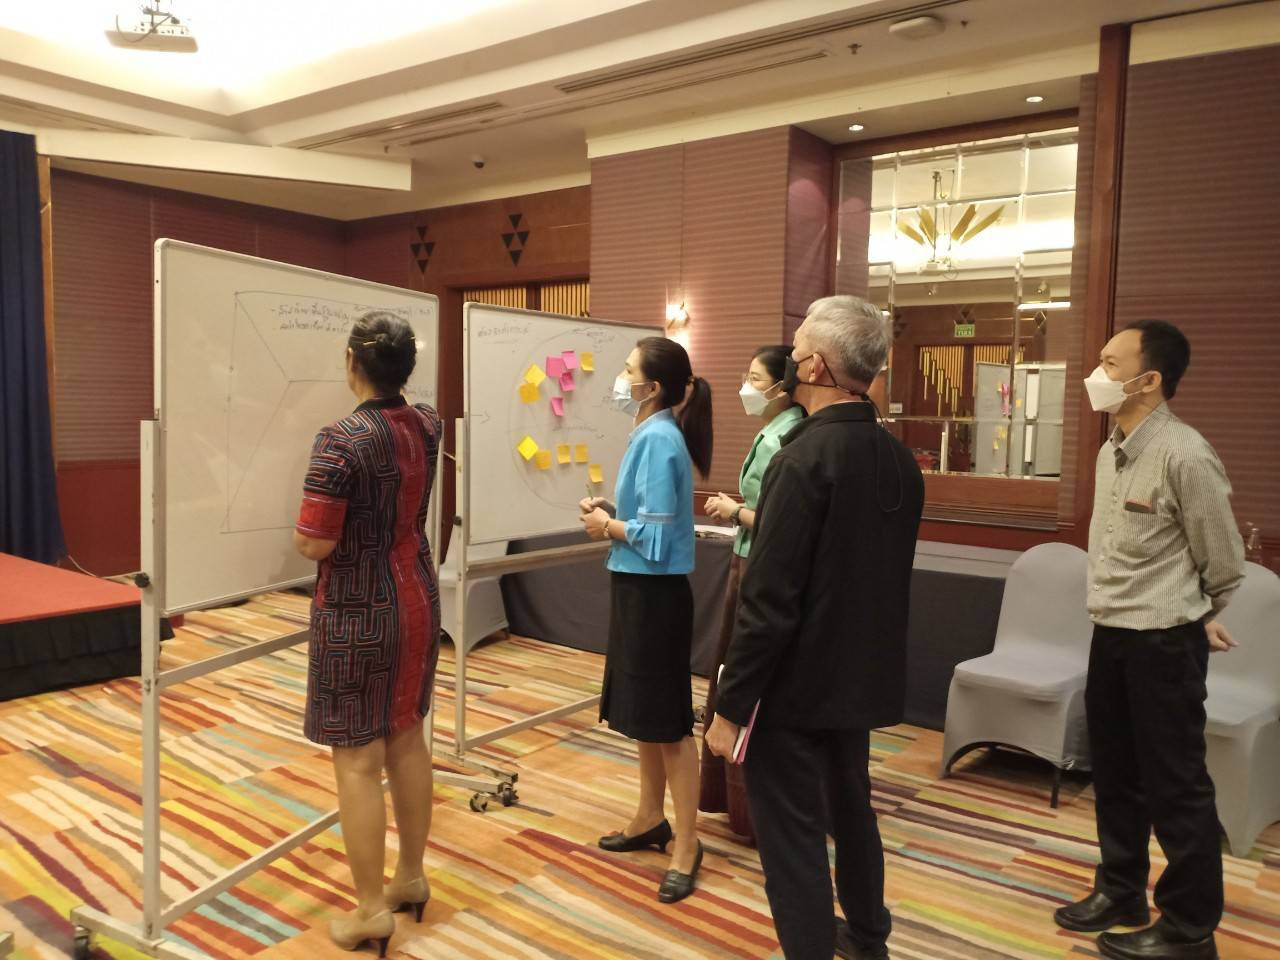 จัดการสนทนากลุ่ม (Focus Group) โครงการวิจัย เรื่อง การส่งเสริมการมีงานทำให้ครัวเรือนยากจน